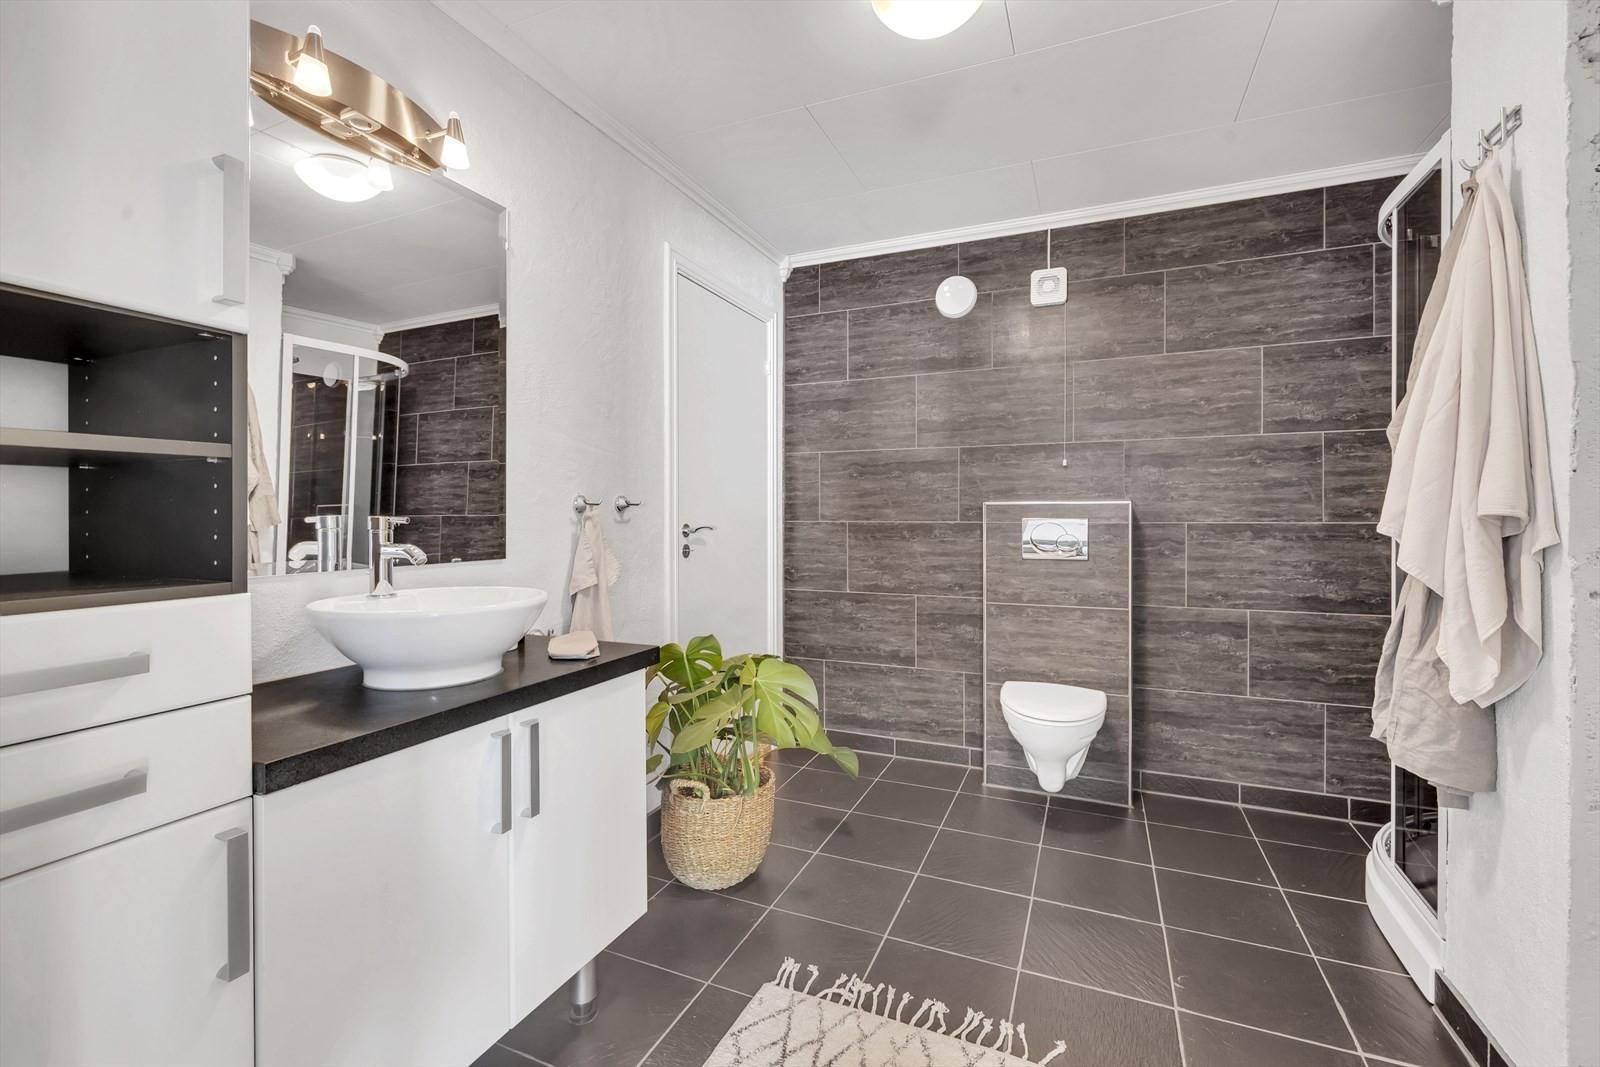 Badet er romslig med moderne preg og innredninger.